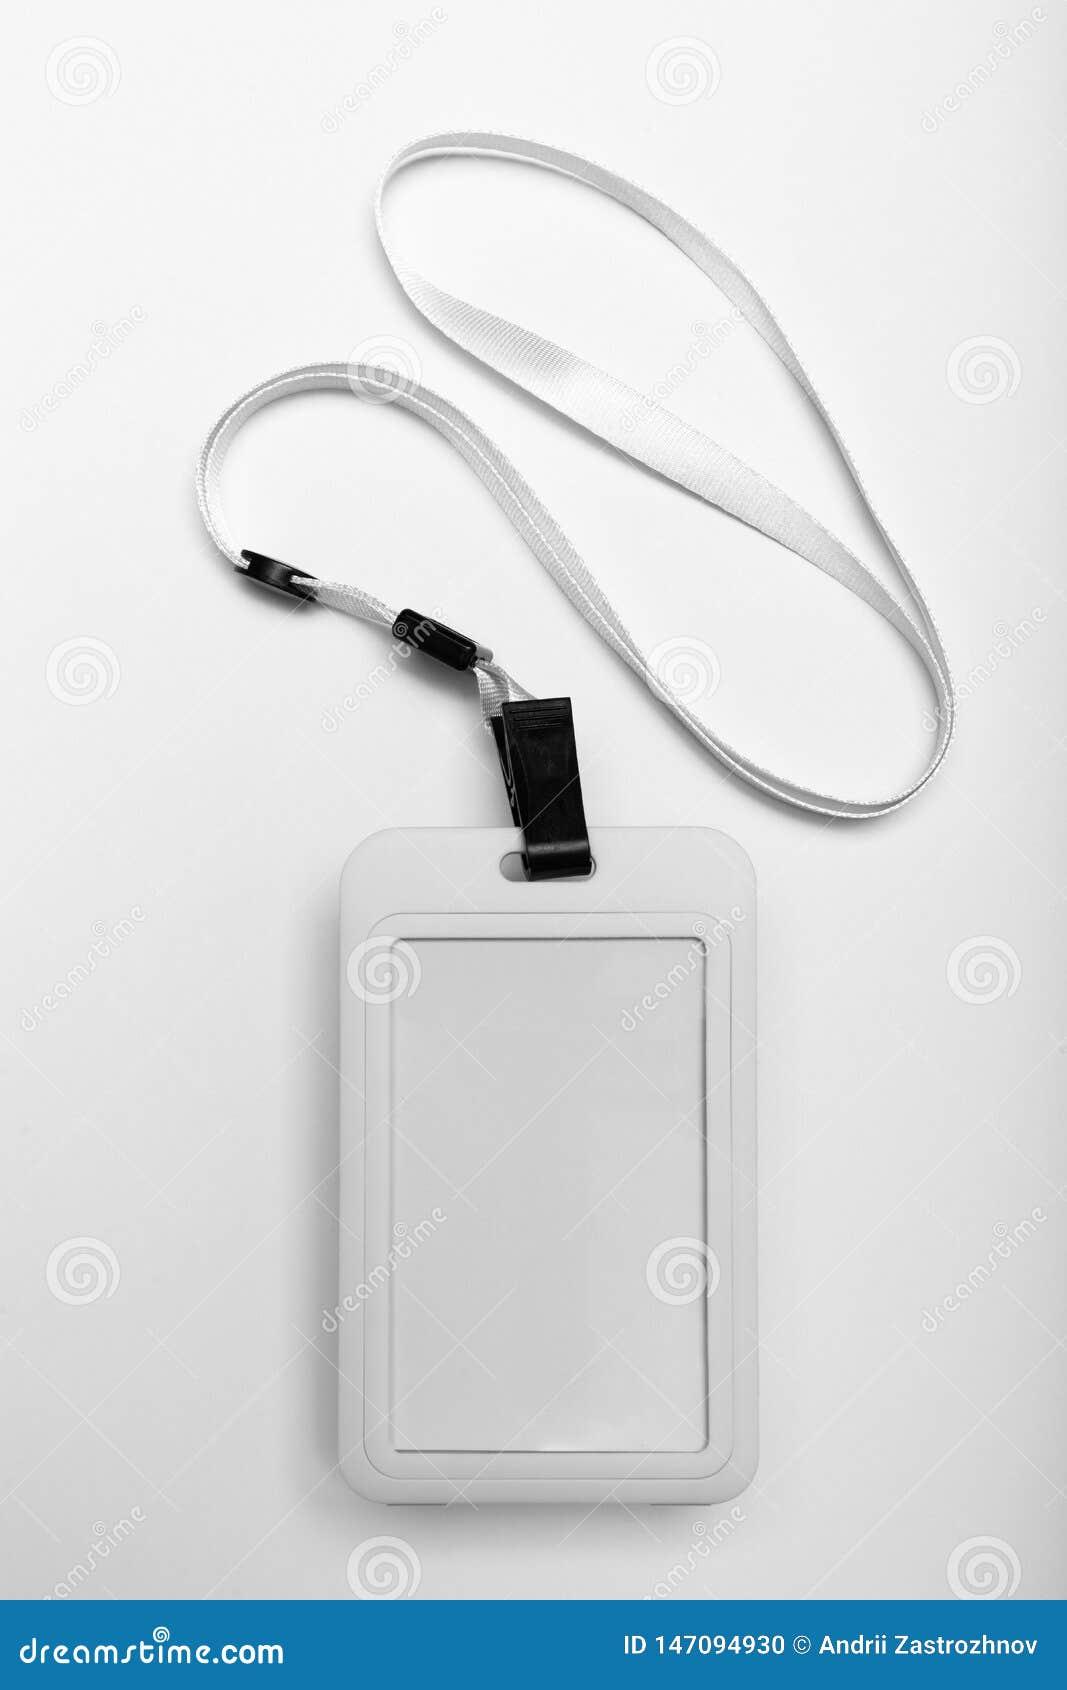 Ταυτότητα κορδονιών διακριτικών, κενό πέρασμα προσδιορισμού Προσωπική πλαστική κάρτα Επιχειρησιακή έγκριση